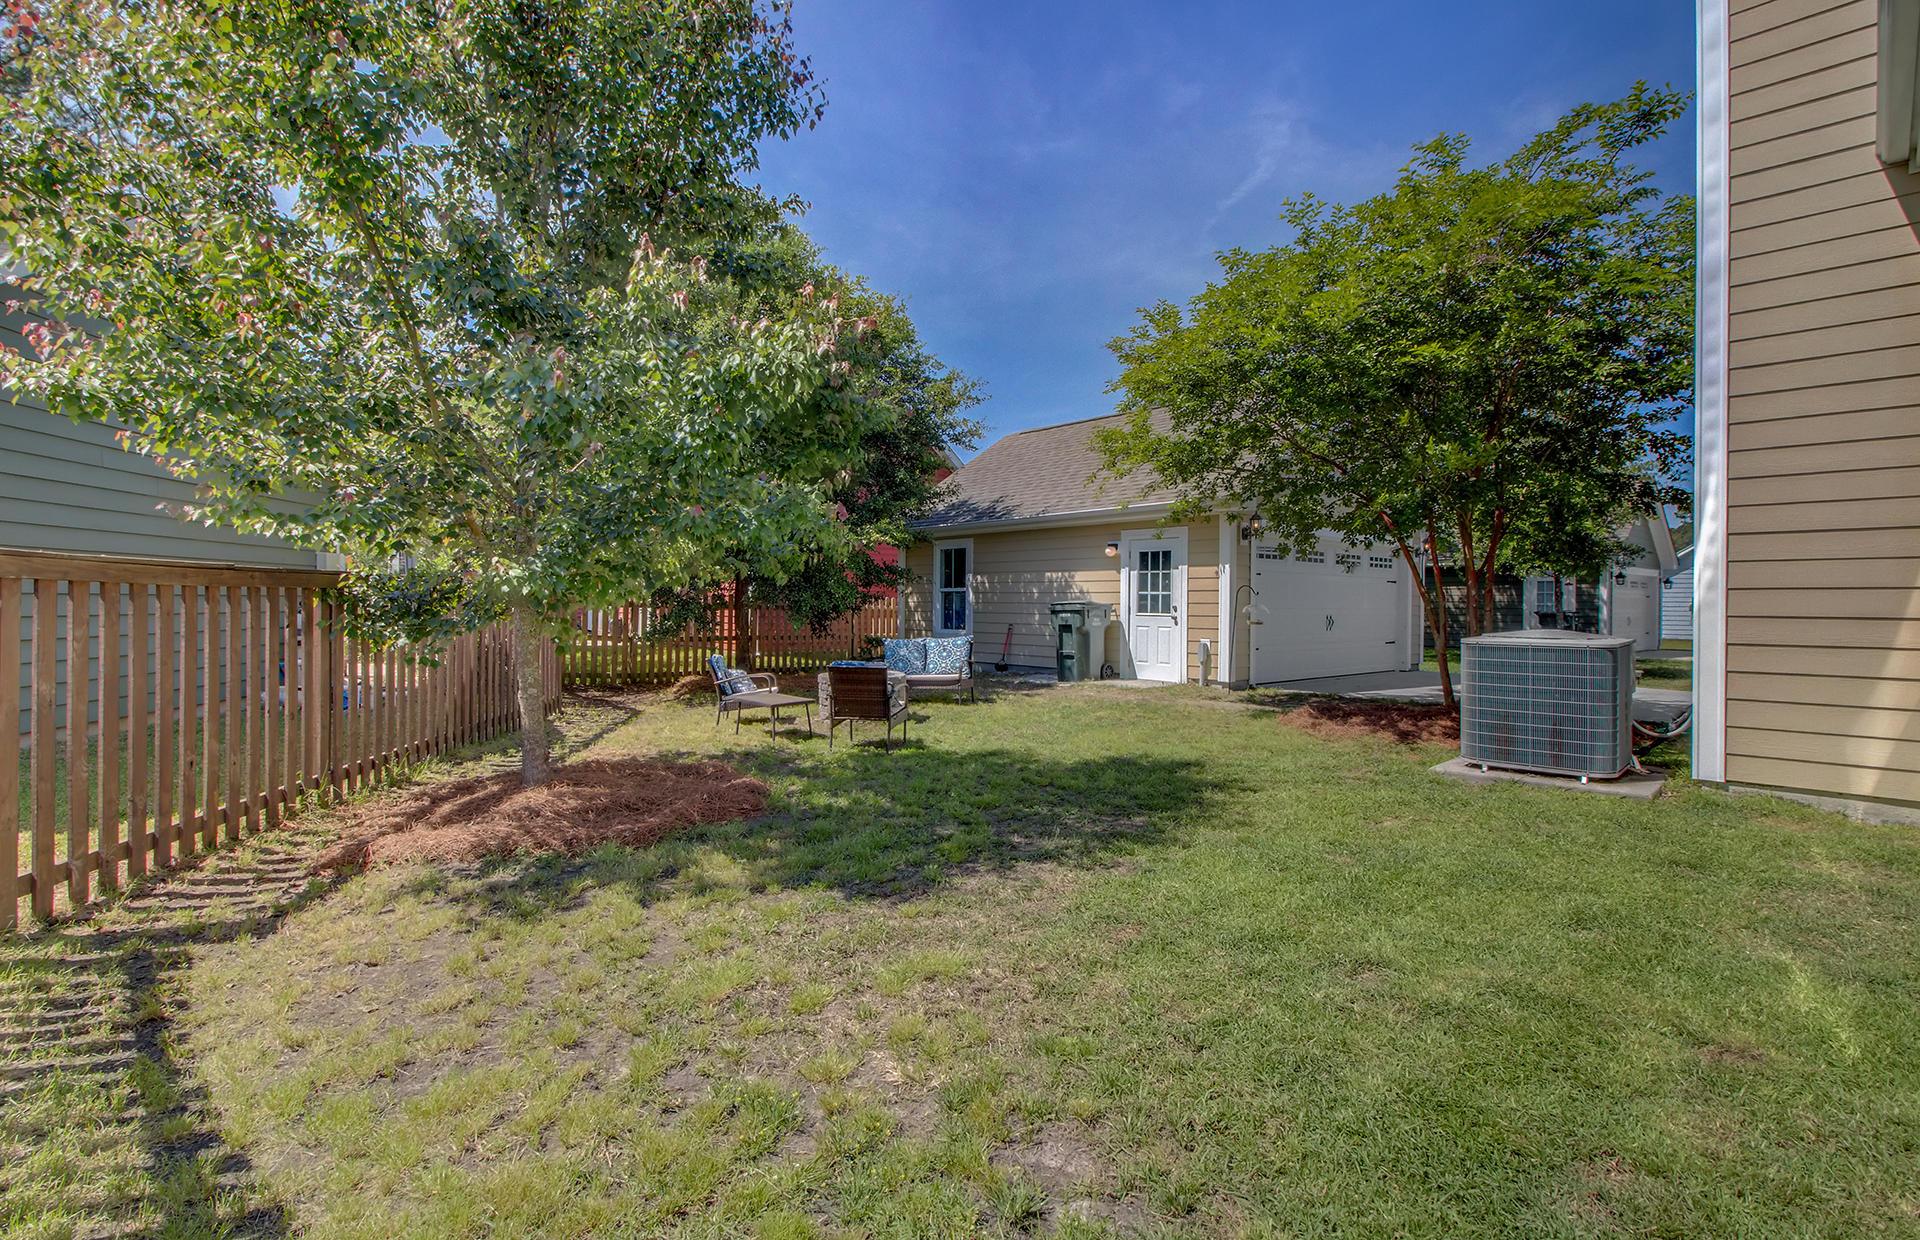 Boltons Landing Homes For Sale - 1749 Batten, Charleston, SC - 27